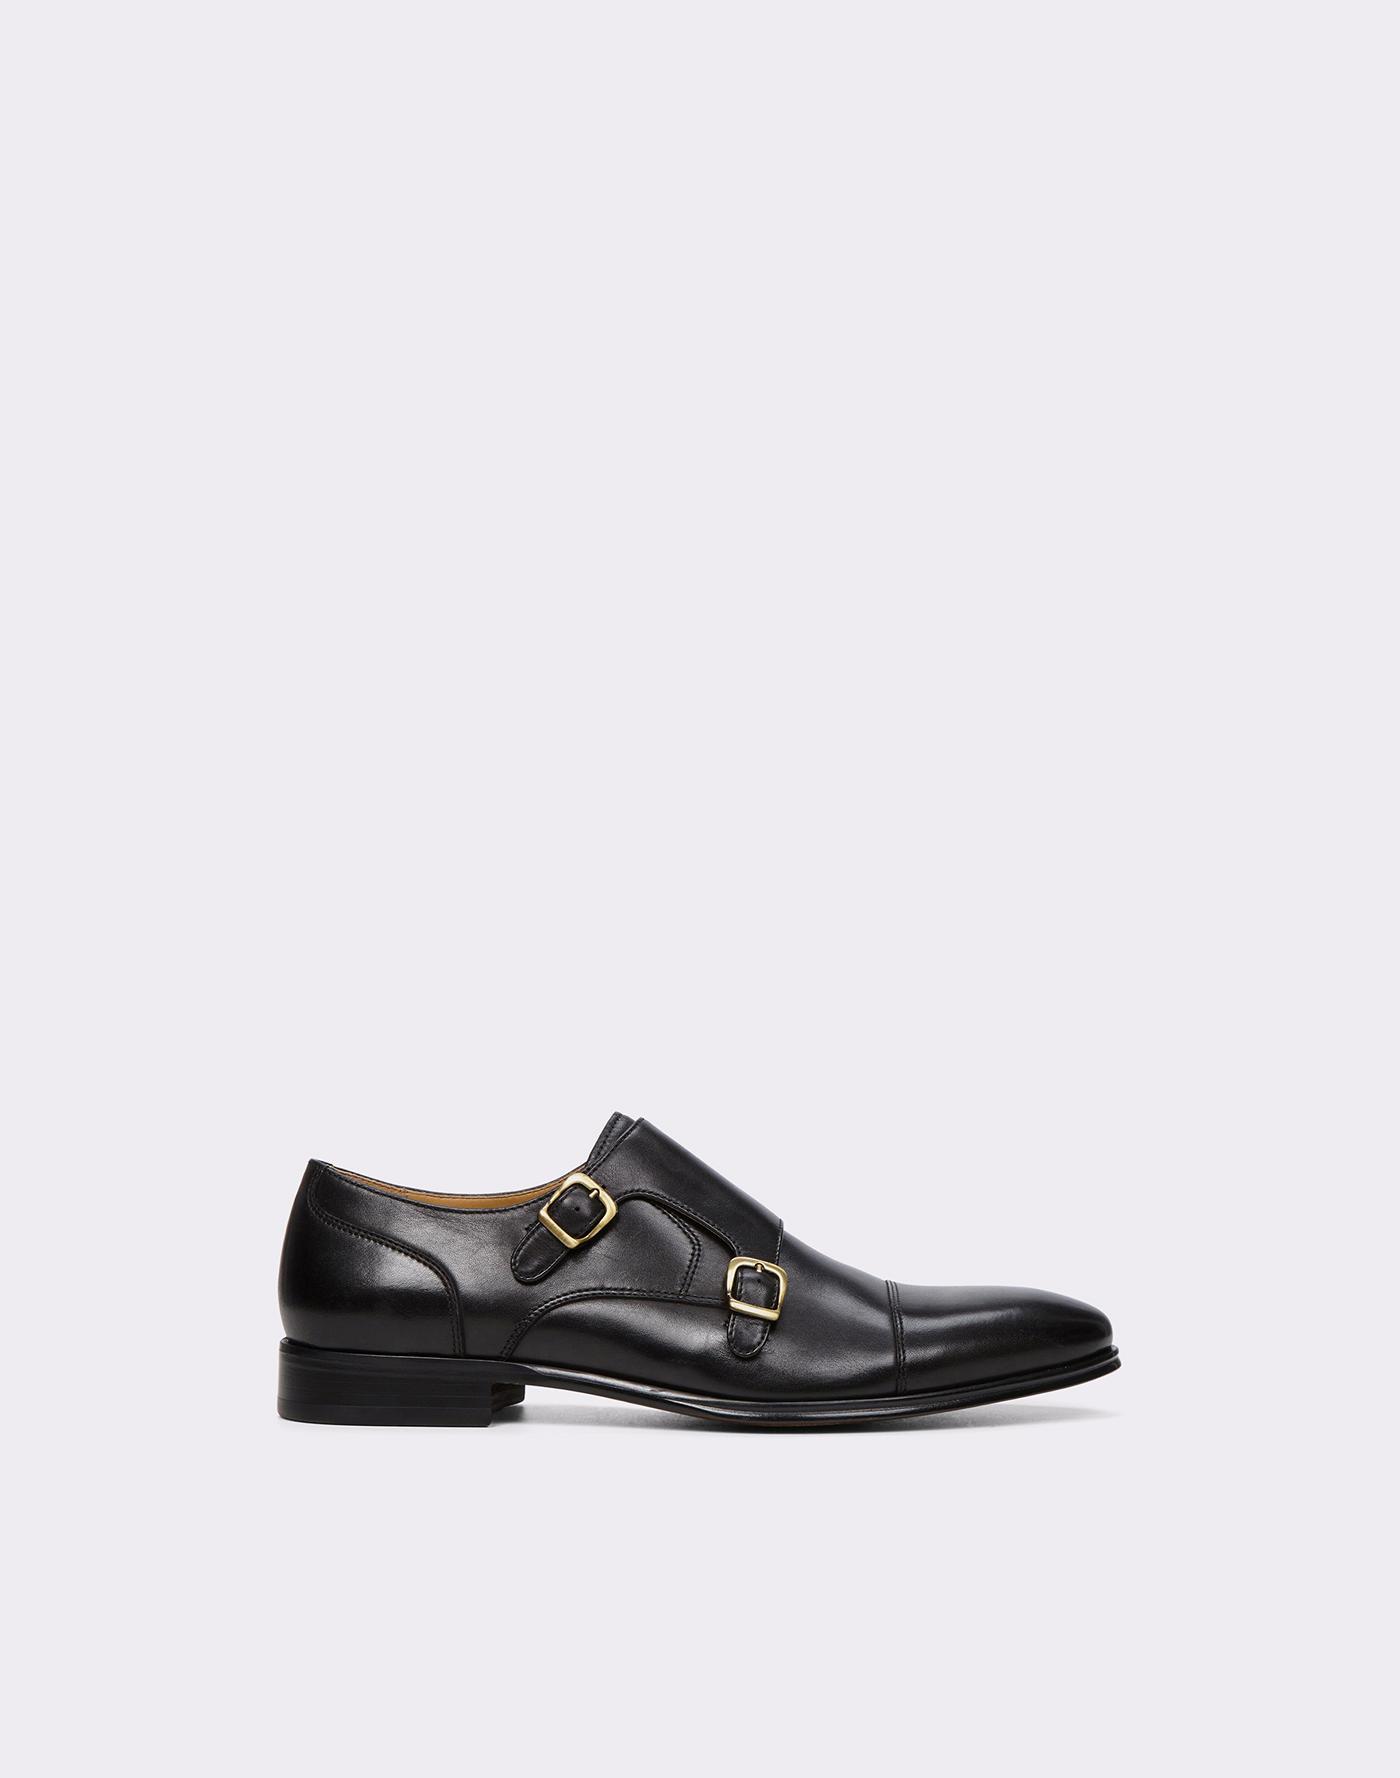 d46ad41324b Dress shoes